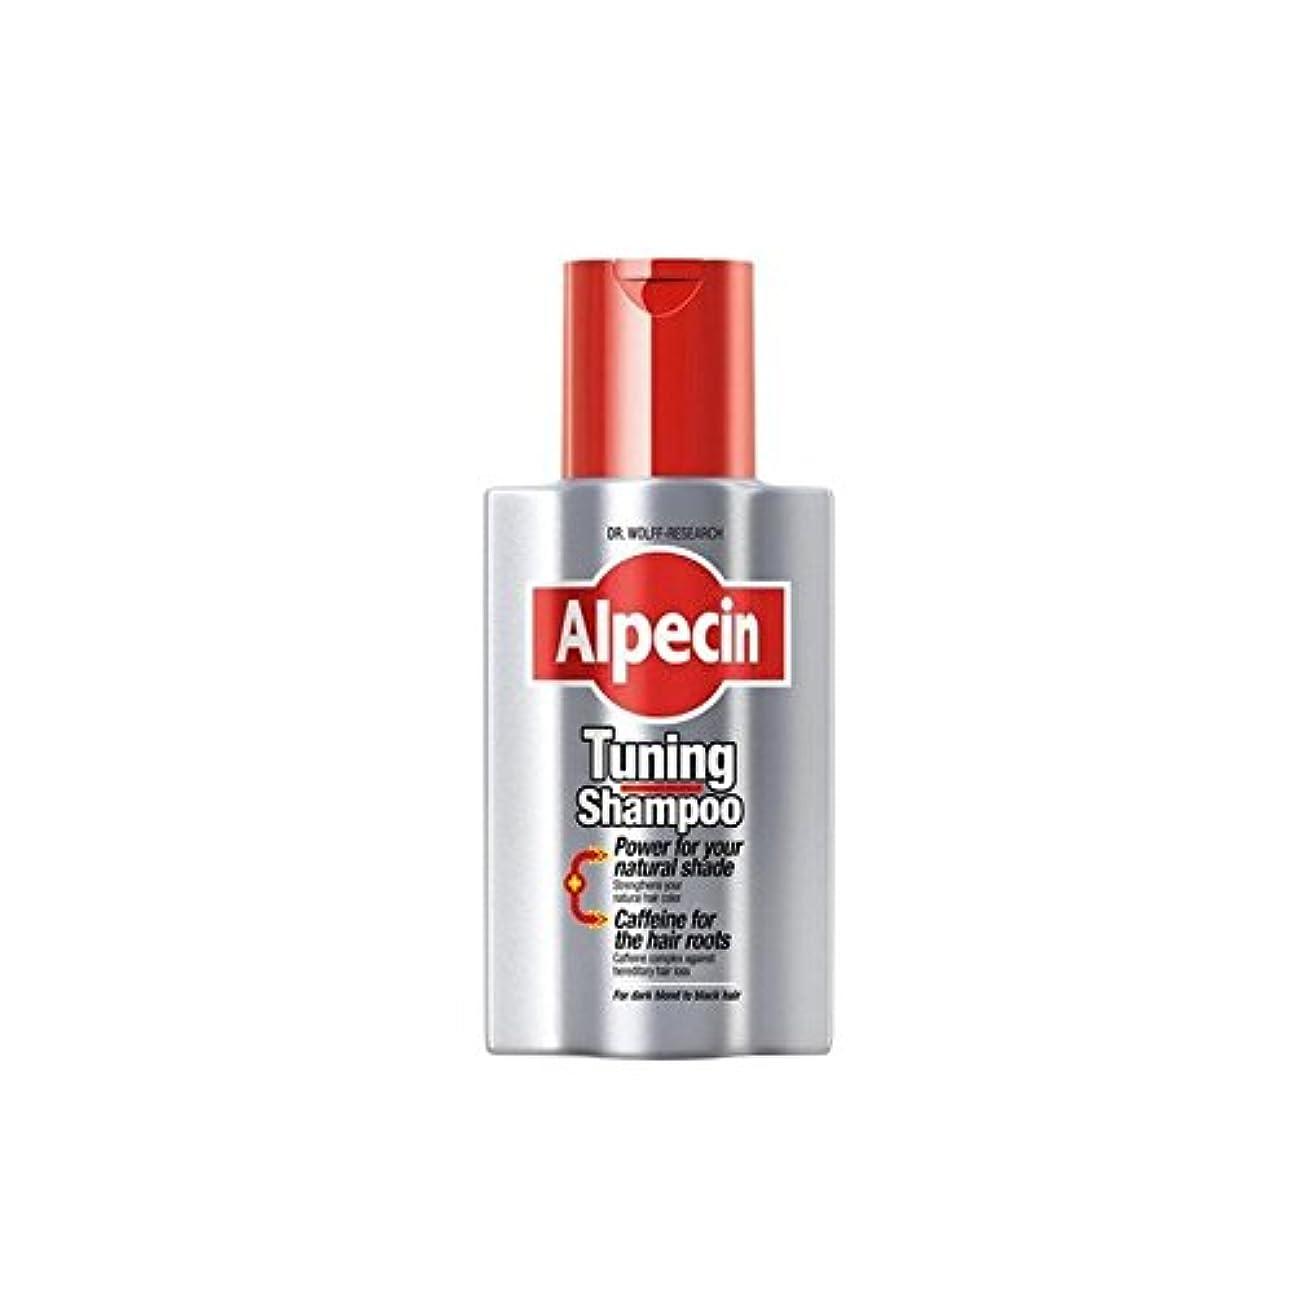 豆腐インターネットお手入れAlpecin Tuning Shampoo (200ml) - チューニングシャンプー(200ミリリットル) [並行輸入品]